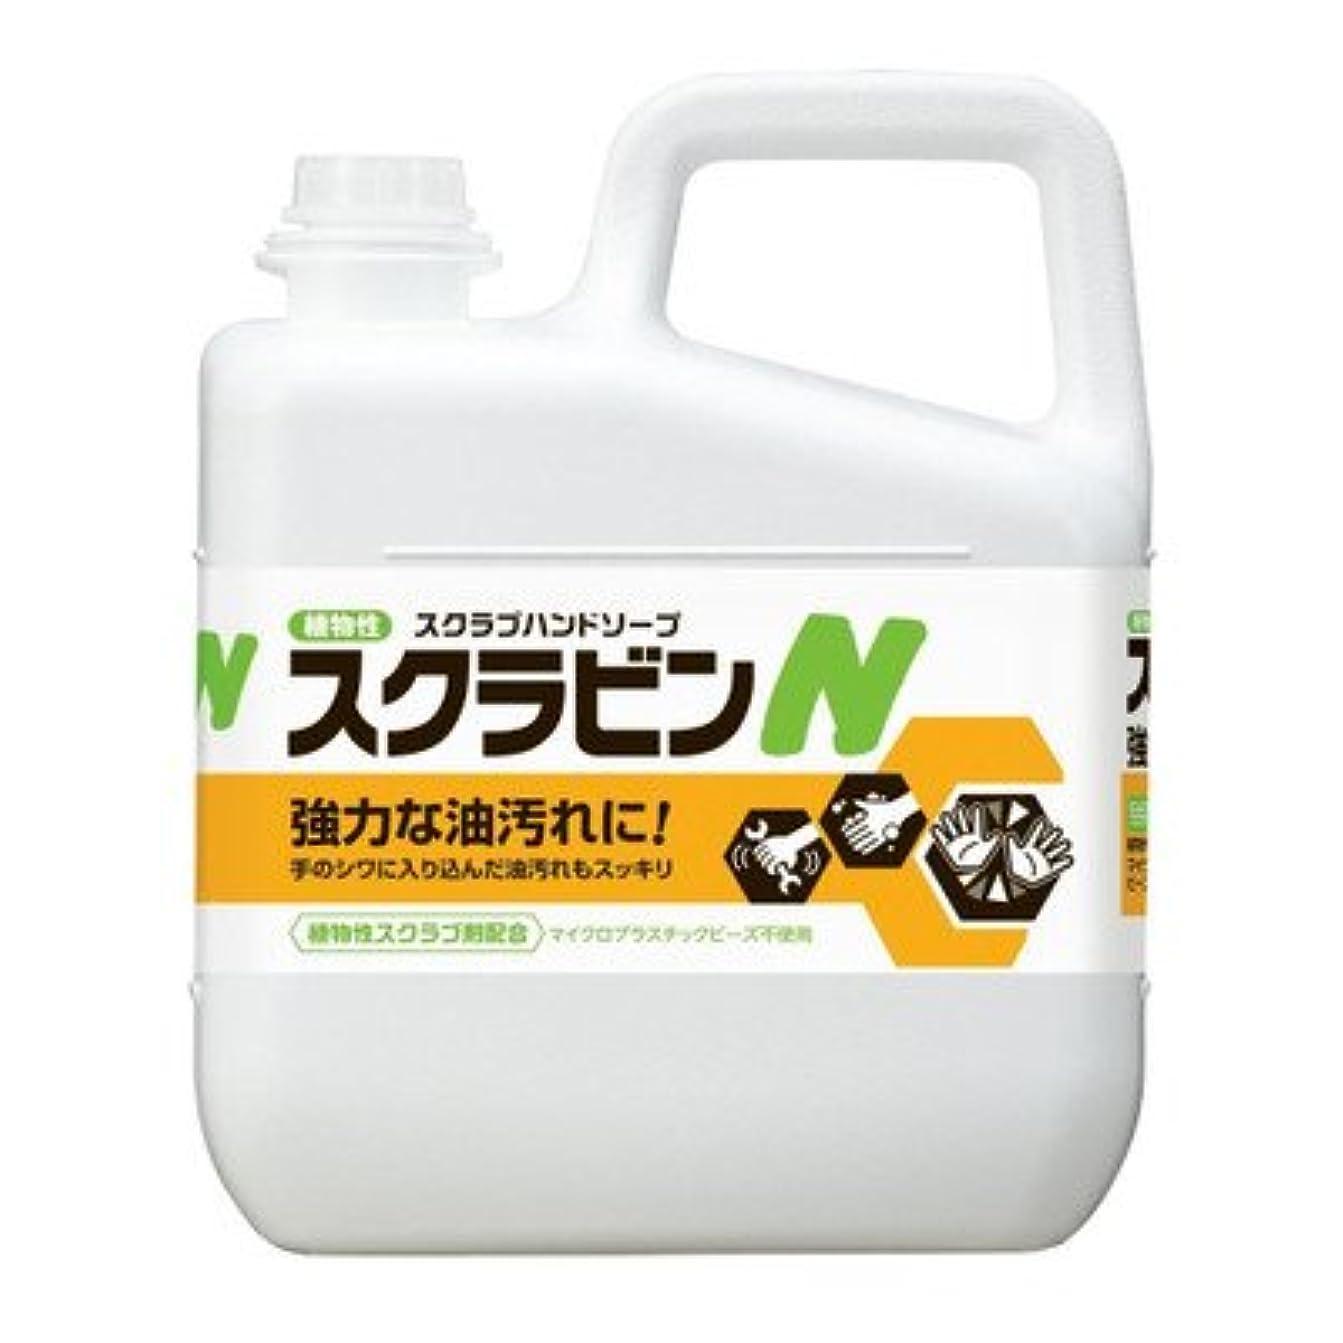 絶滅した洗うボア環境と手肌に優しく油汚れを落とす植物性スクラブハンドソープ サラヤ 植物性スクラブハンドソープ スクラビンN 5kg 23155